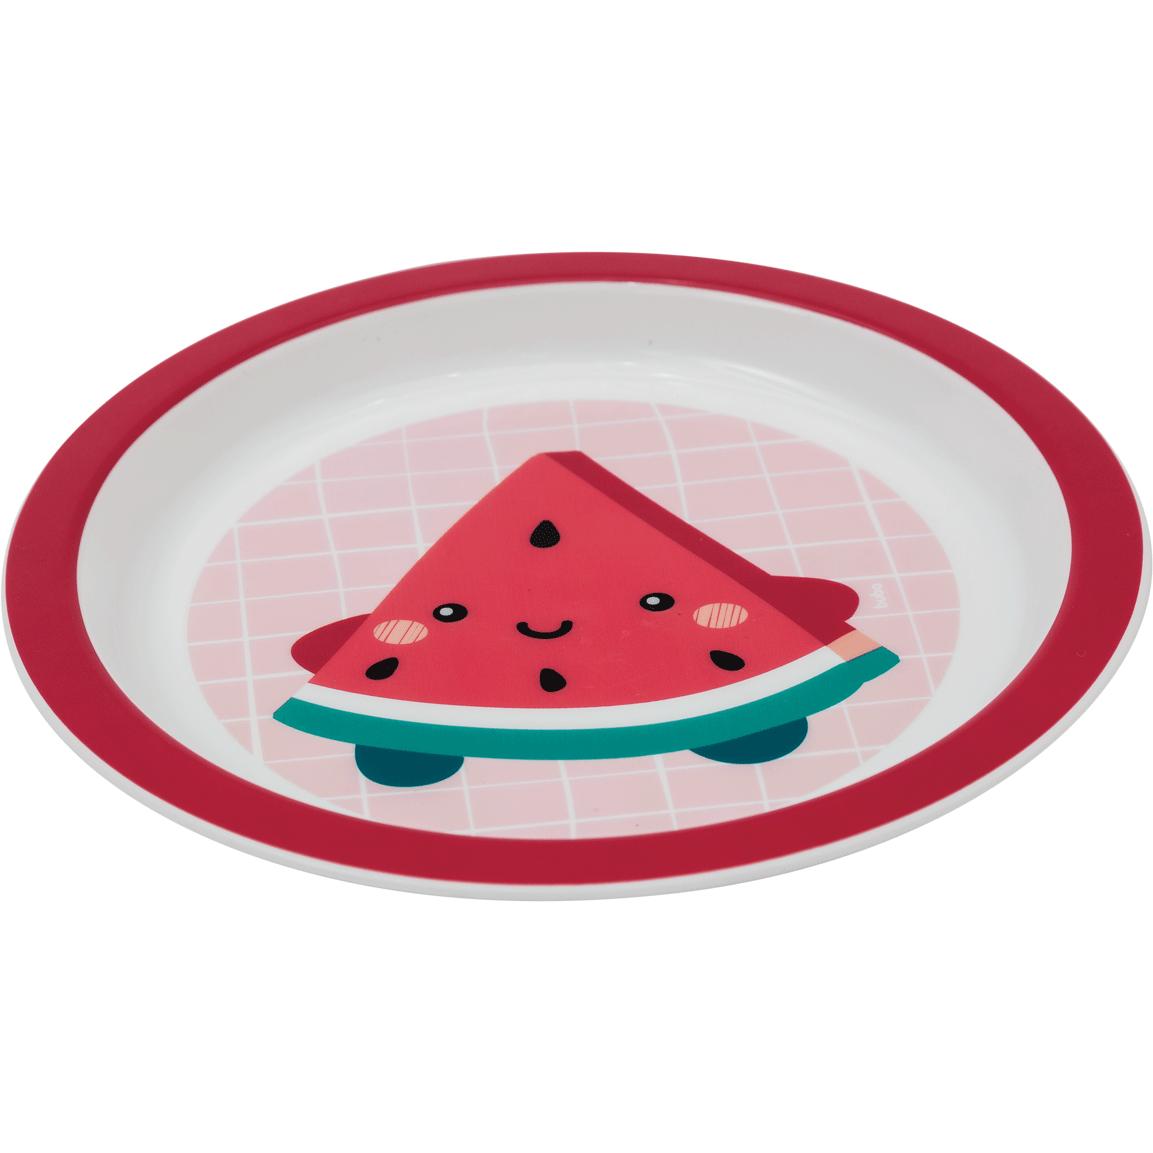 Prato Frutti Melancia